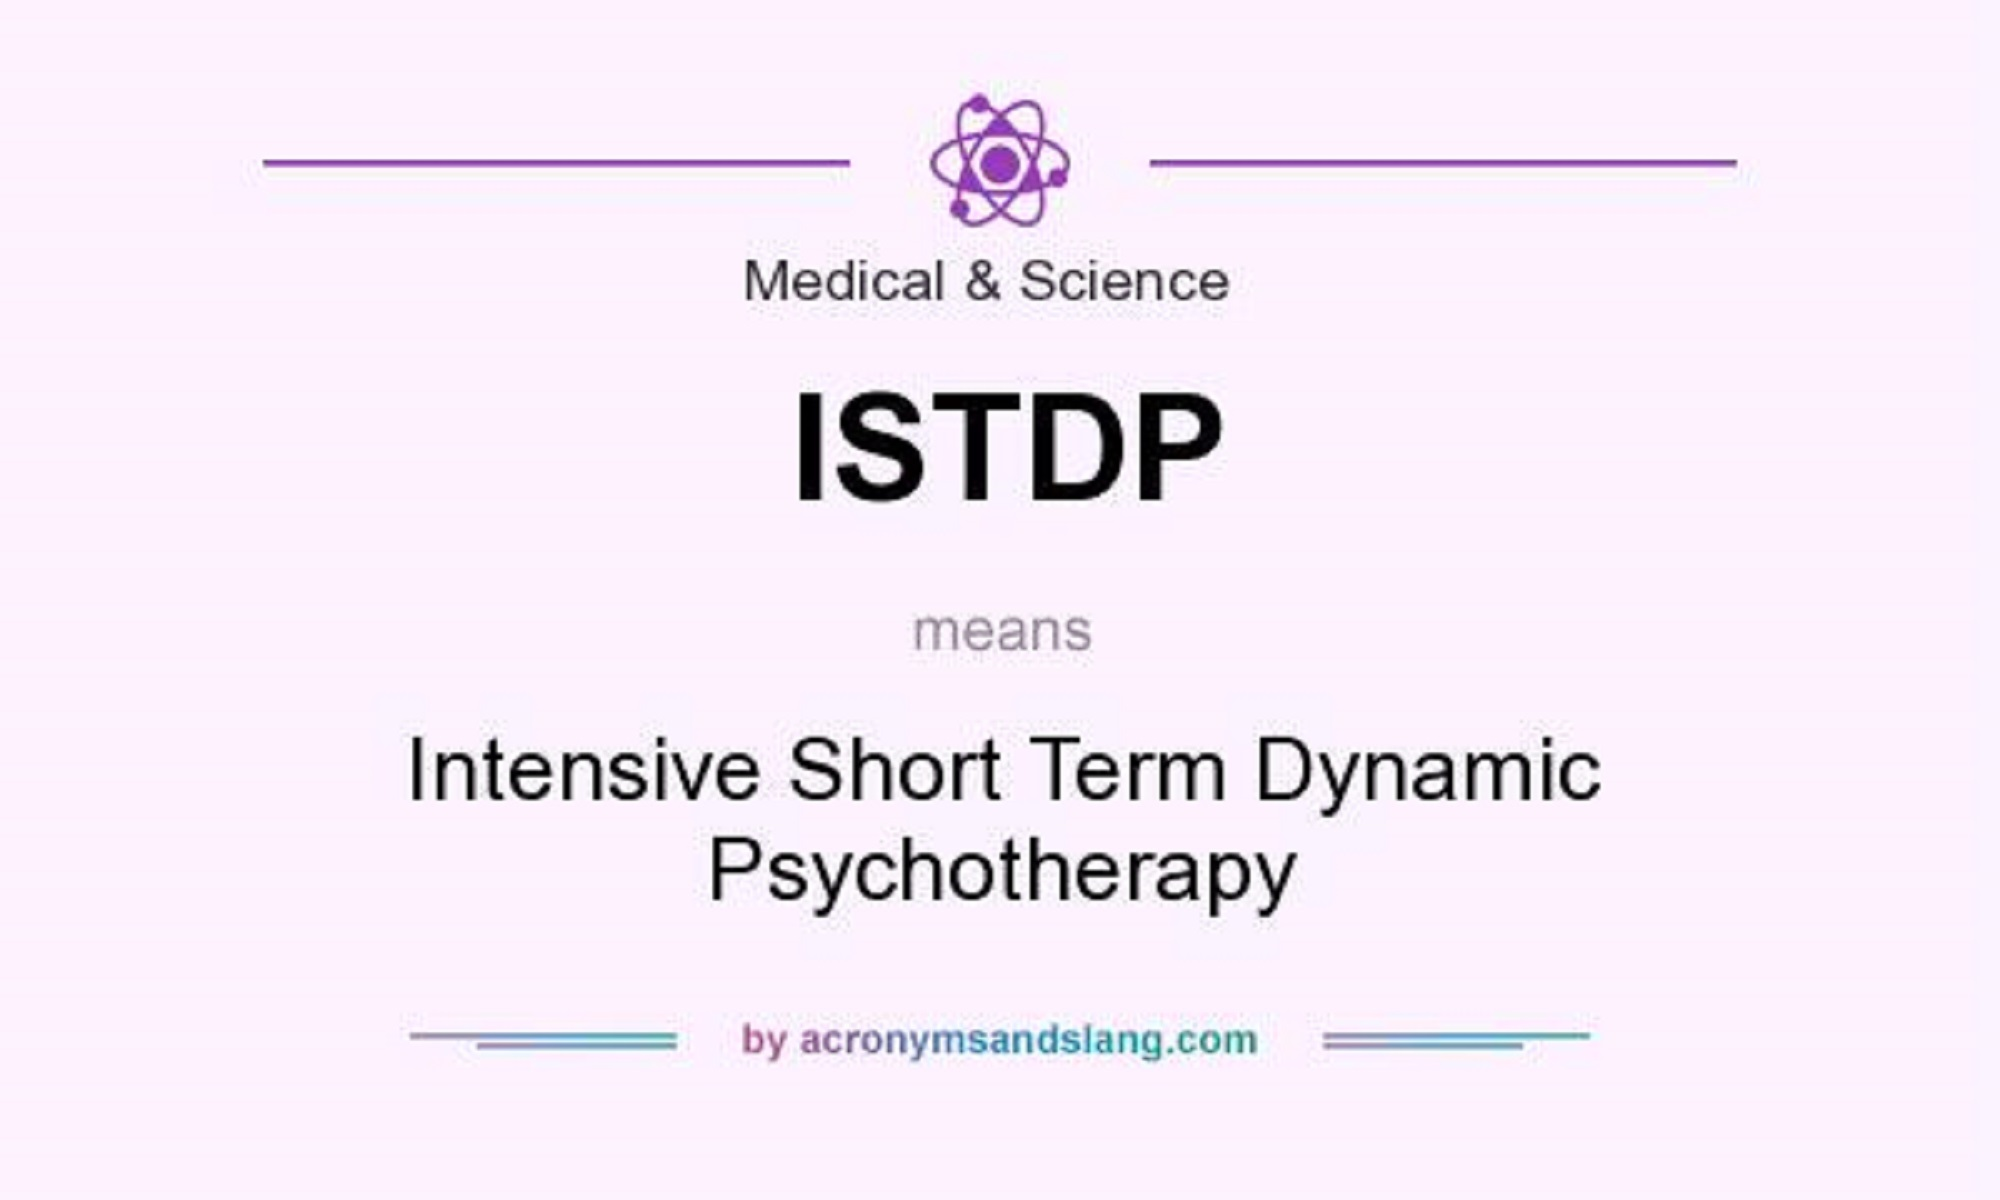 رواندرمانی پویشی فشرده و کوتاه مدت (ISTDP) چیست؟